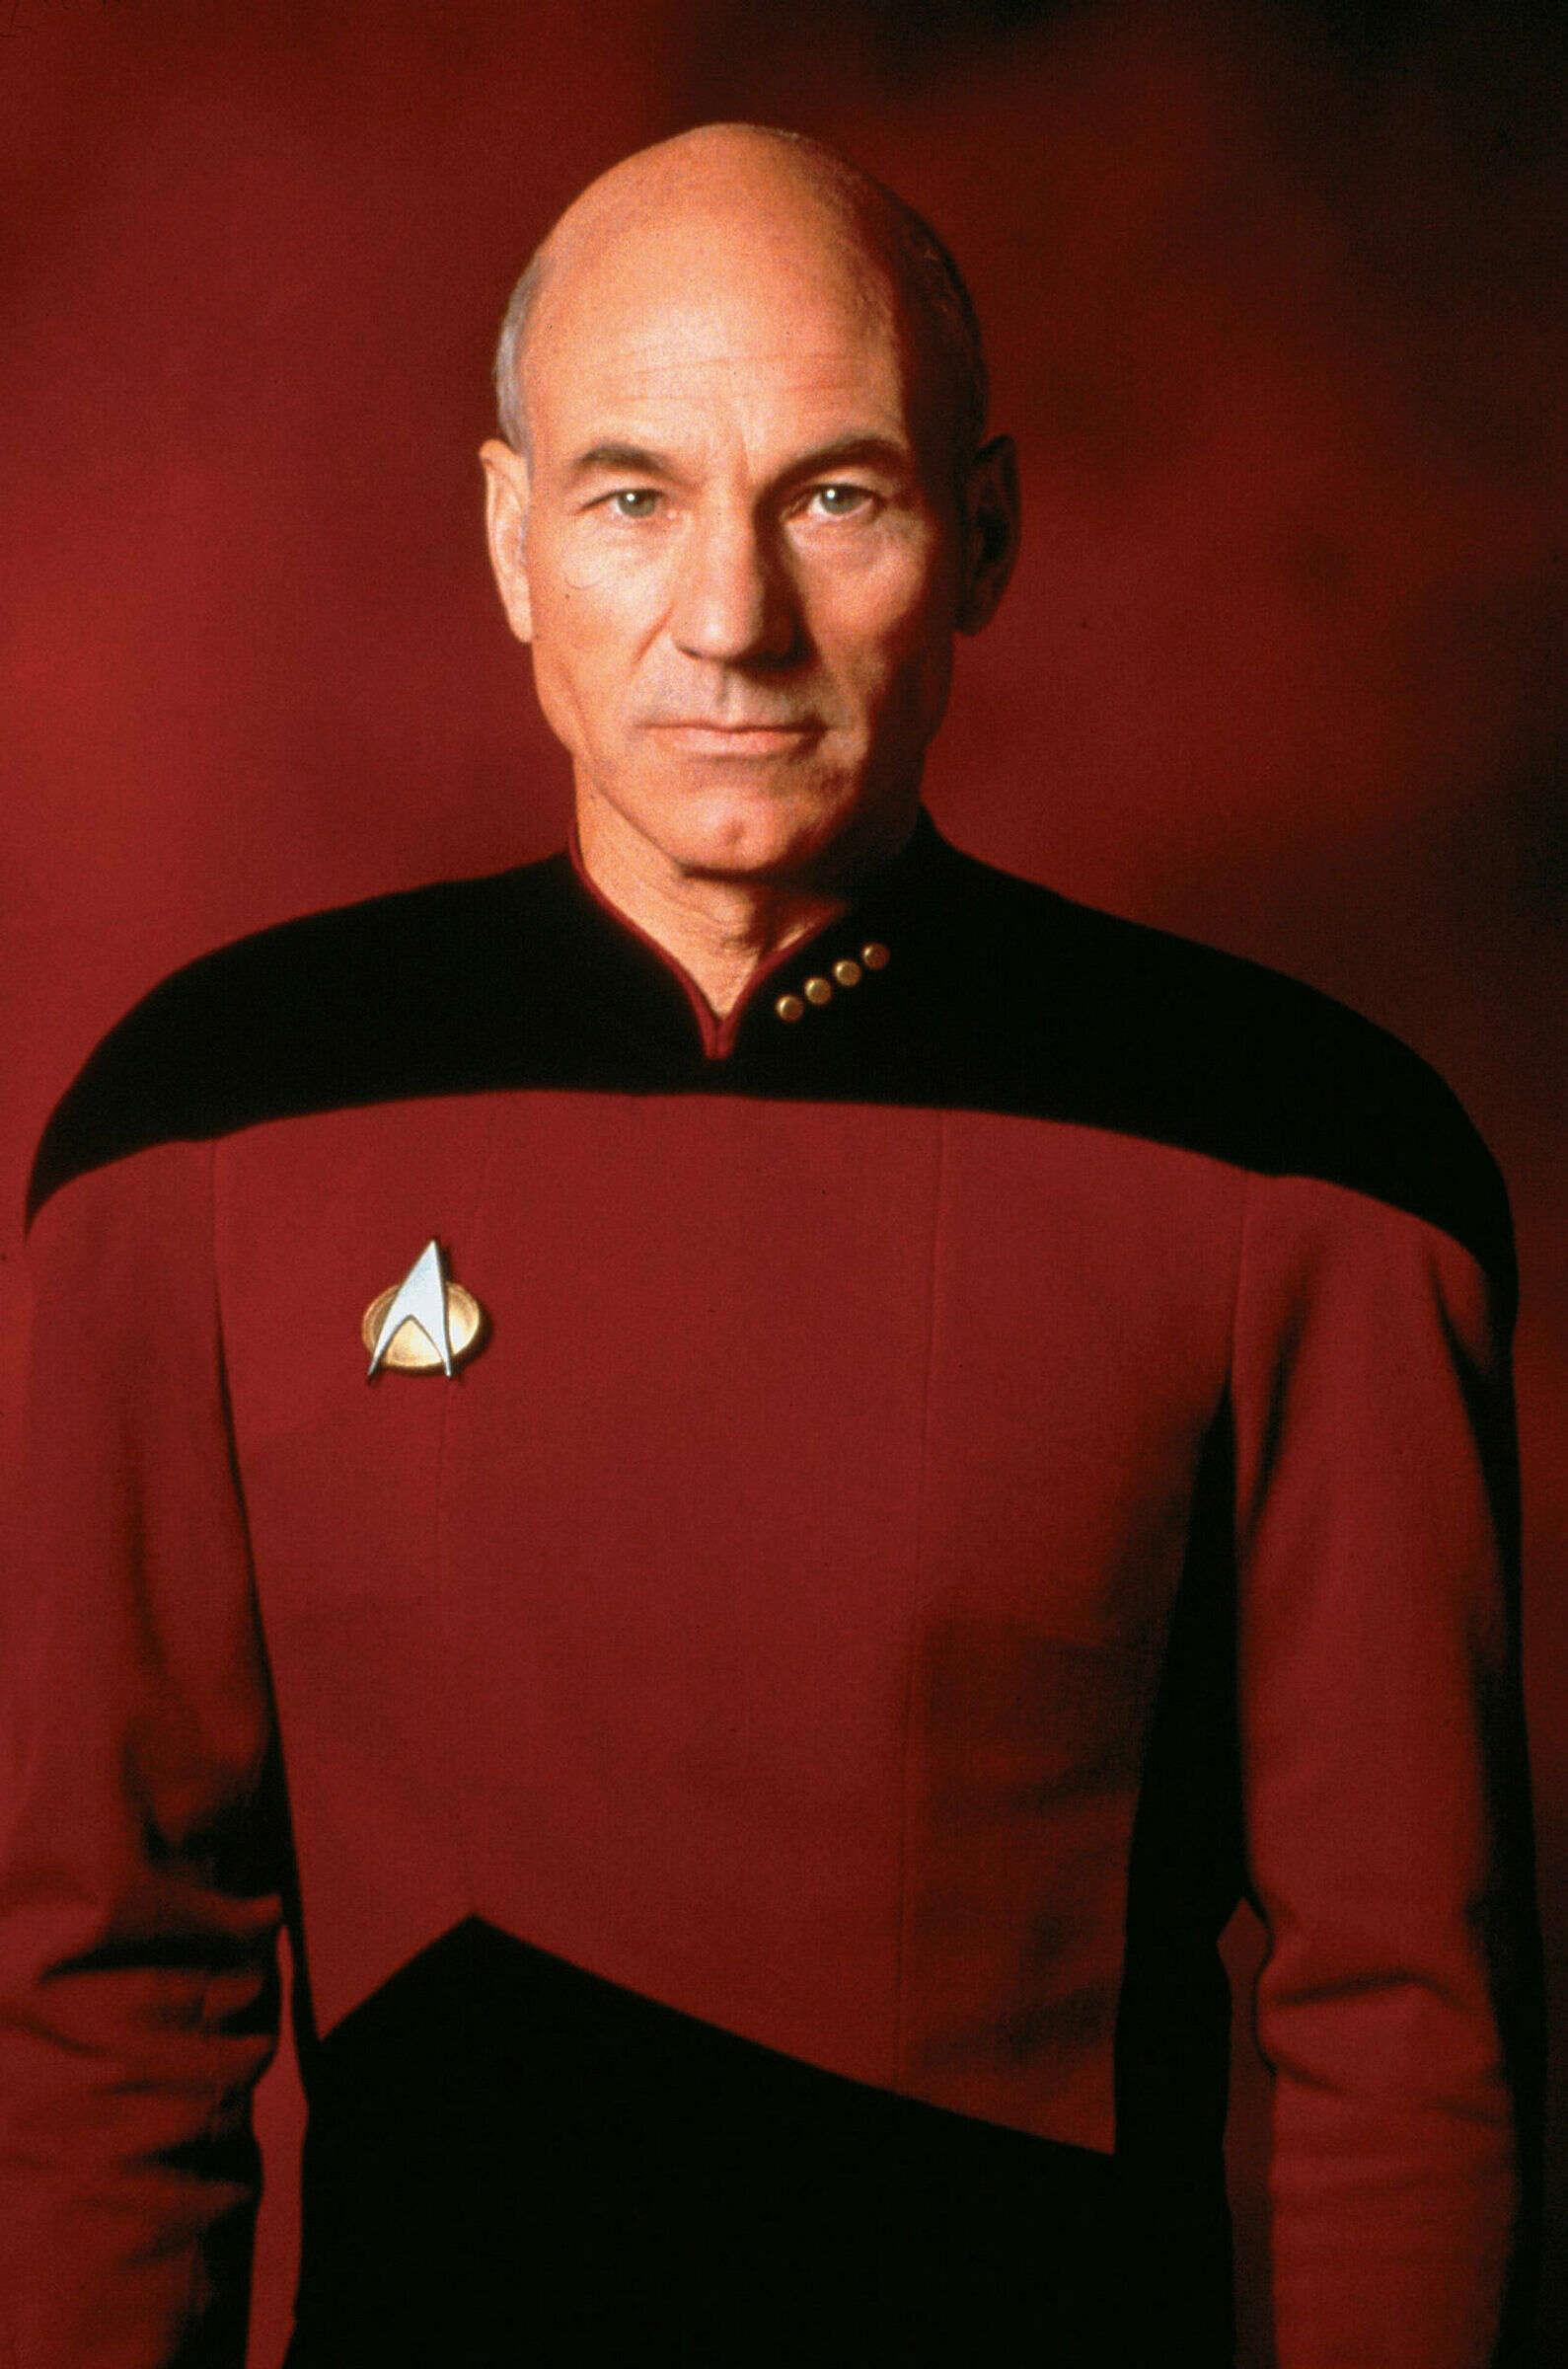 אופס: סמל פיקוד החלל נגנב ממסע בין כוכבים?